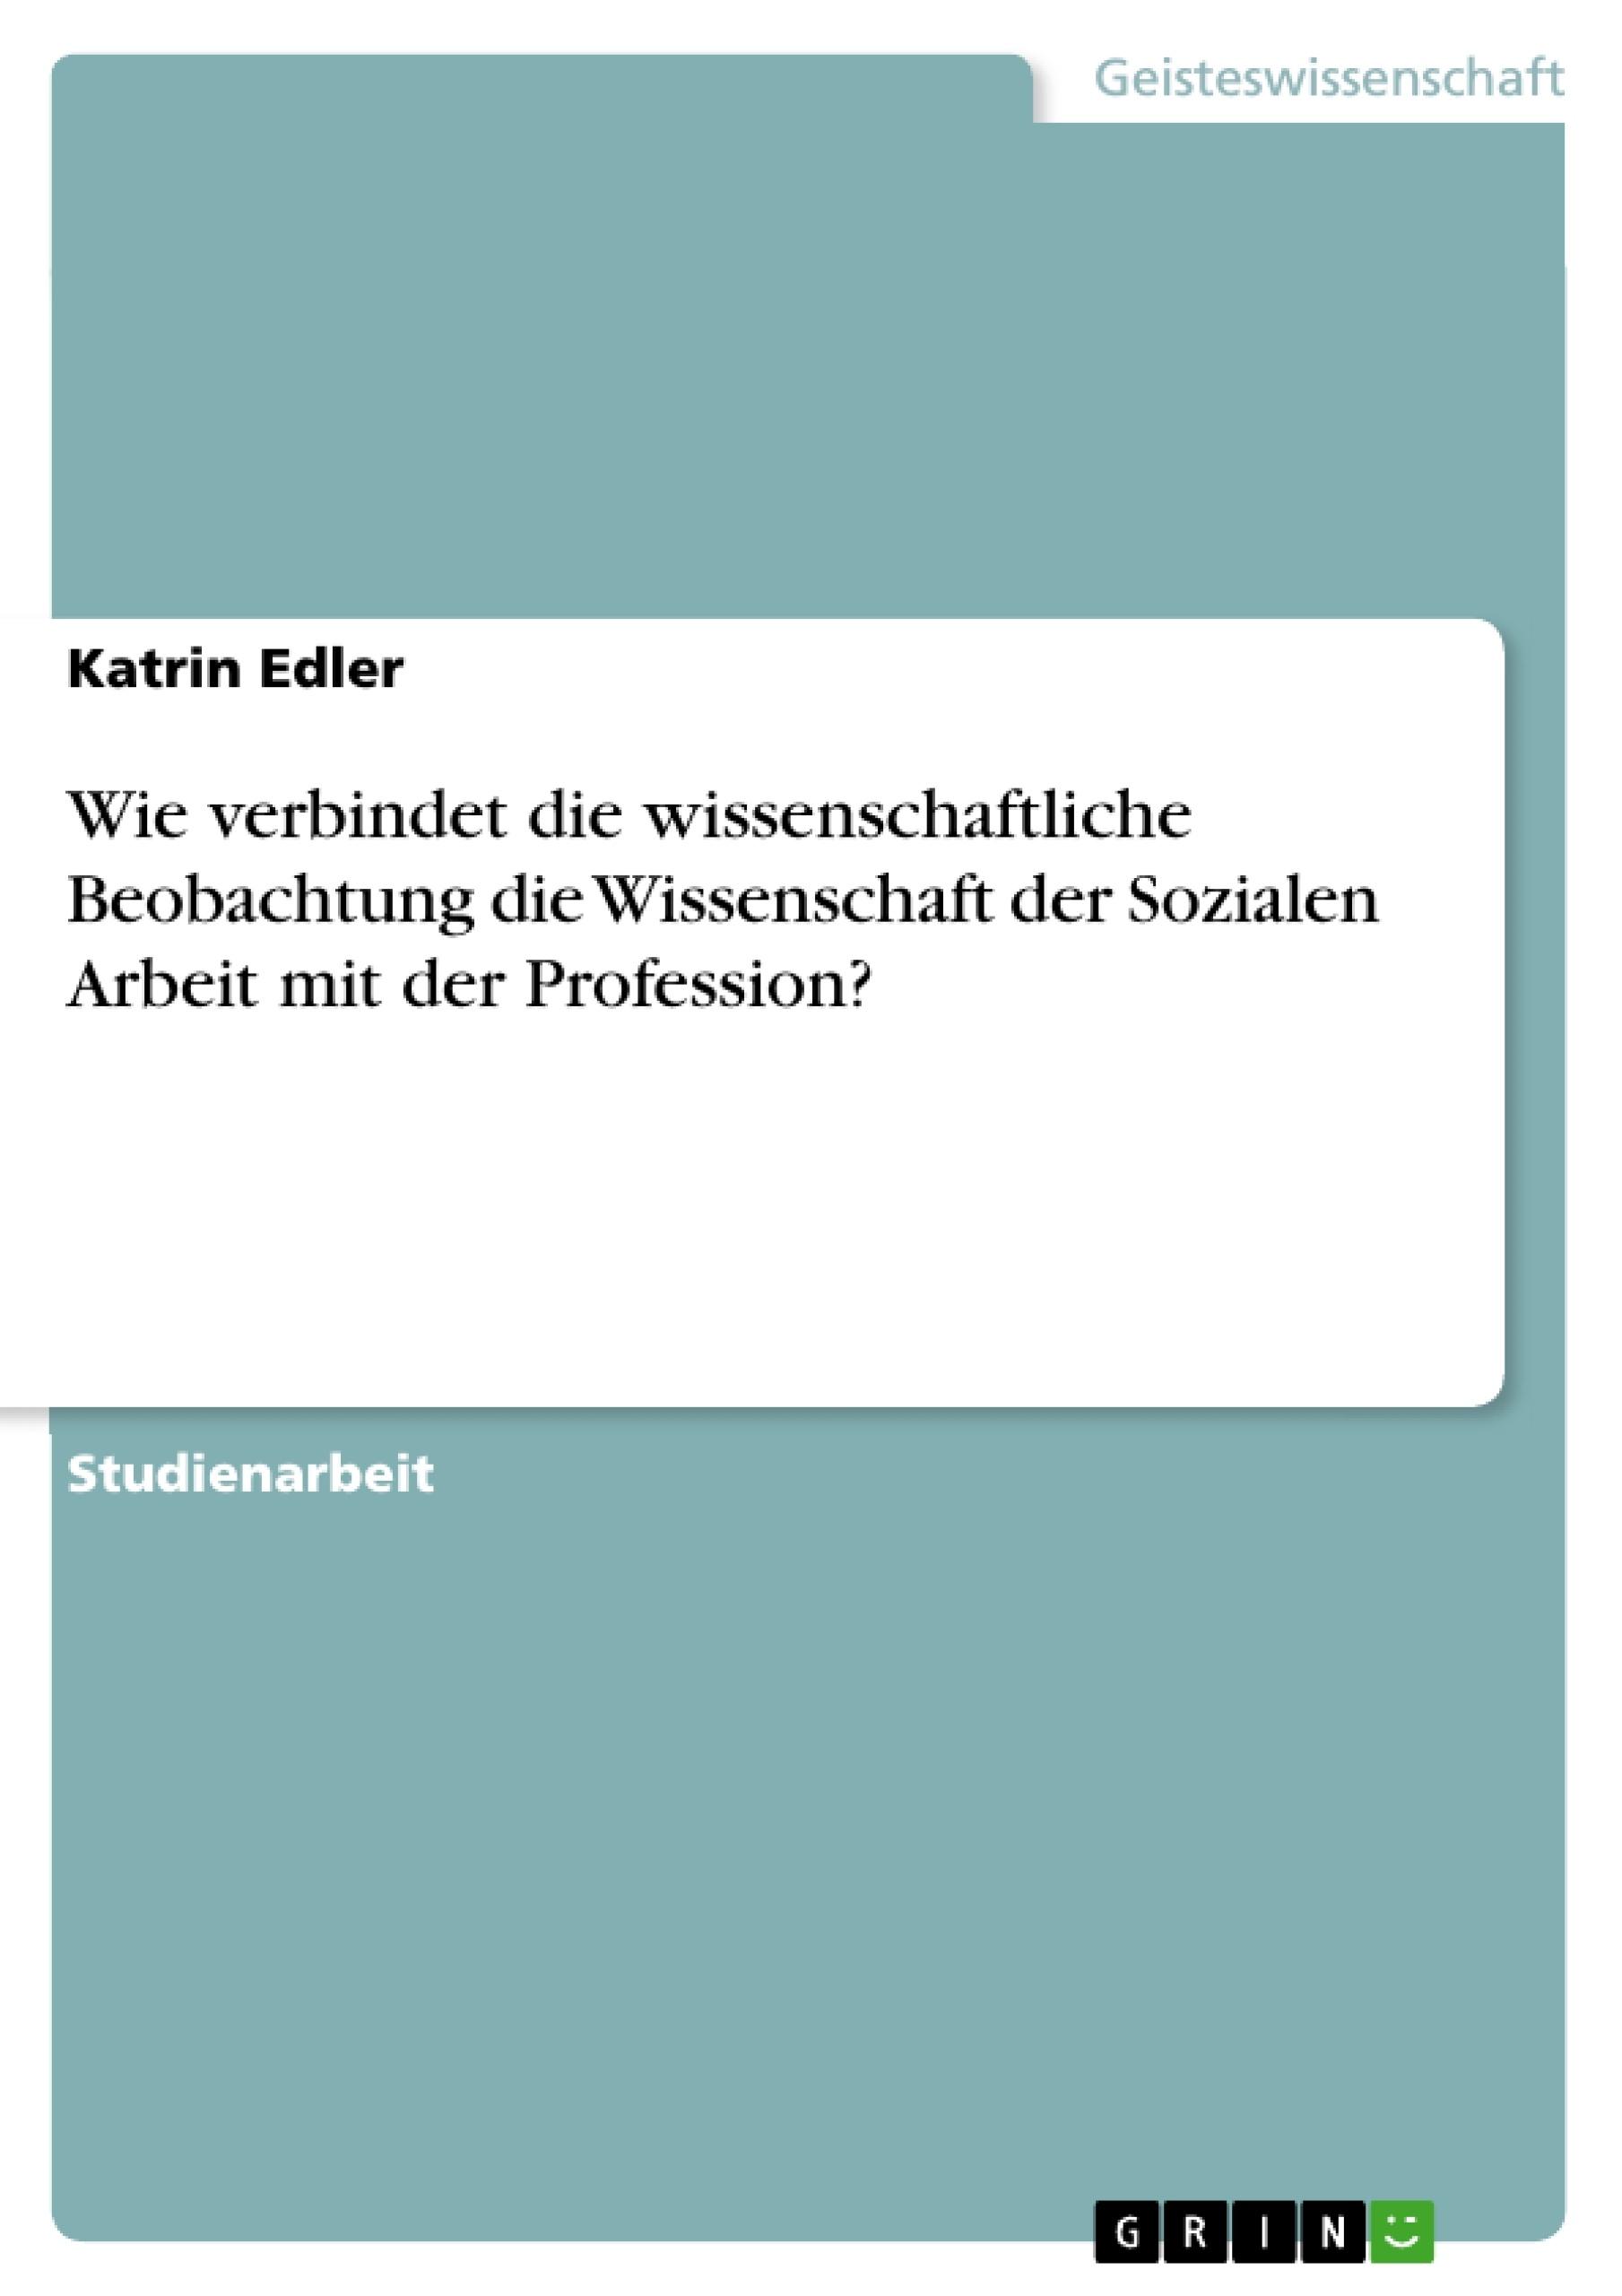 Titel: Wie verbindet die wissenschaftliche Beobachtung die Wissenschaft der Sozialen Arbeit mit der Profession?